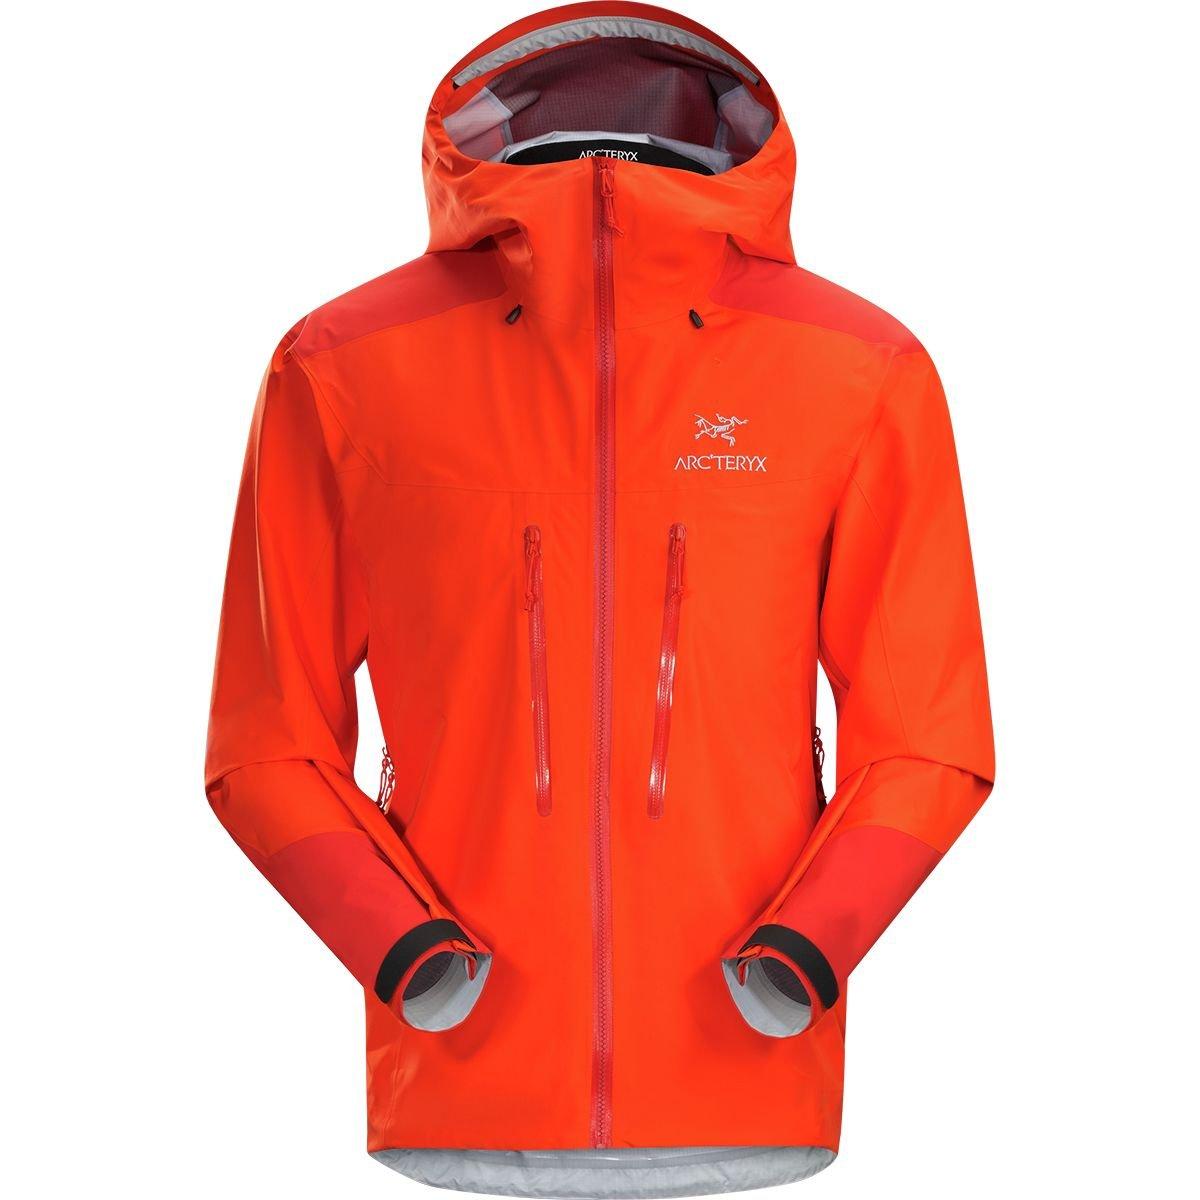 人気商品は [アークテリクス] Jacket メンズ ジャケット&ブルゾン Alpha AR Jacket [並行輸入品] [並行輸入品] Alpha B07G3YKX43 L, 仁多町:32df20ef --- arianechie.dominiotemporario.com